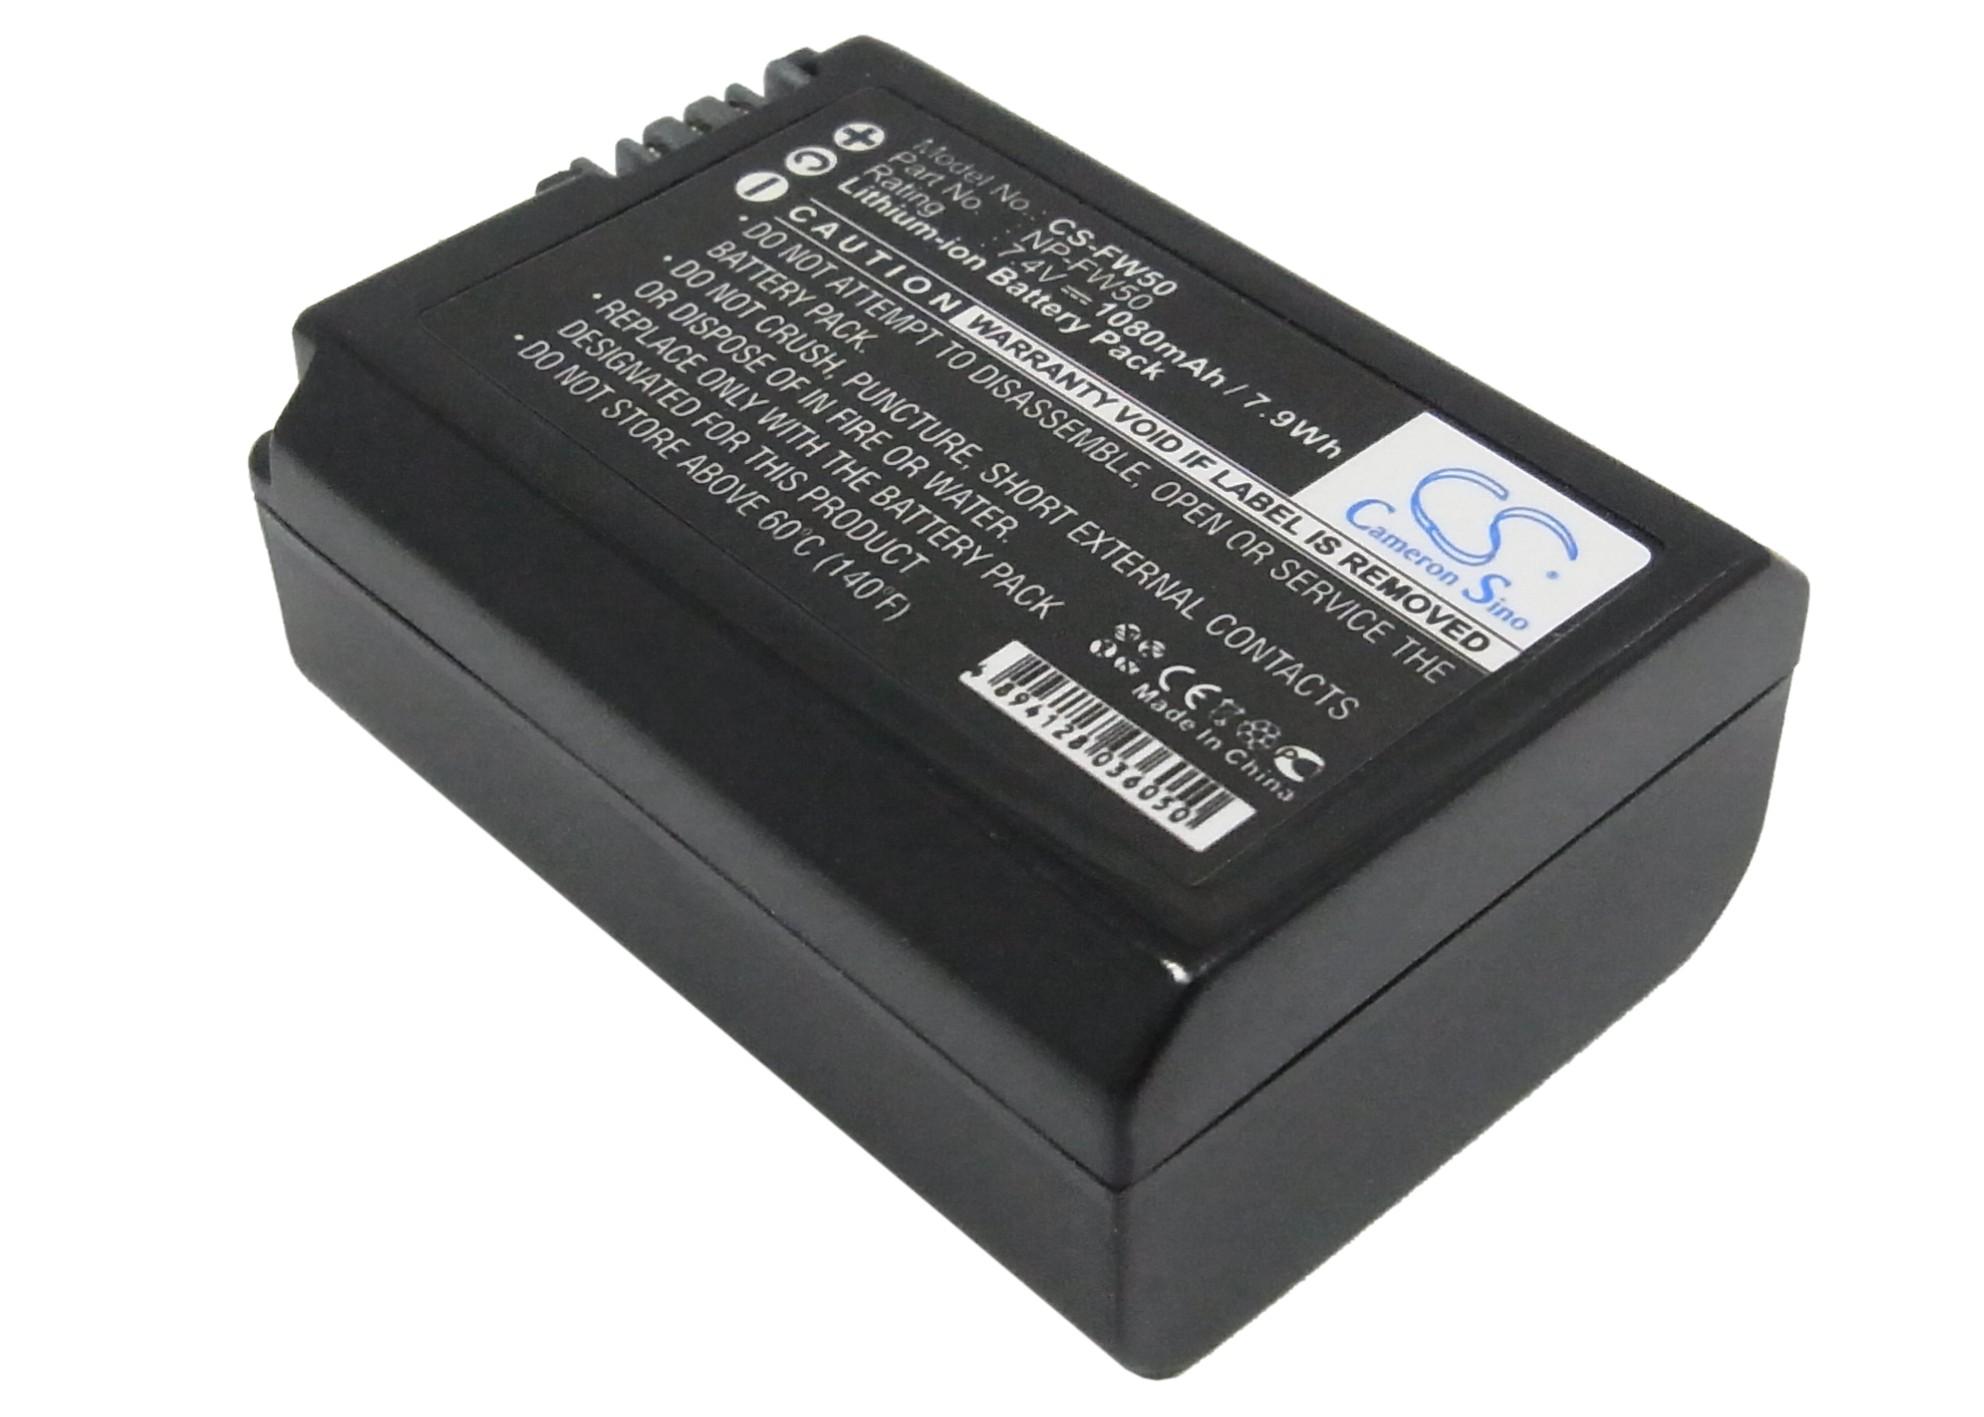 Cameron Sino baterie do kamer a fotoaparátů pro SONY Alpha 55 7.4V Li-ion 1080mAh černá - neoriginální